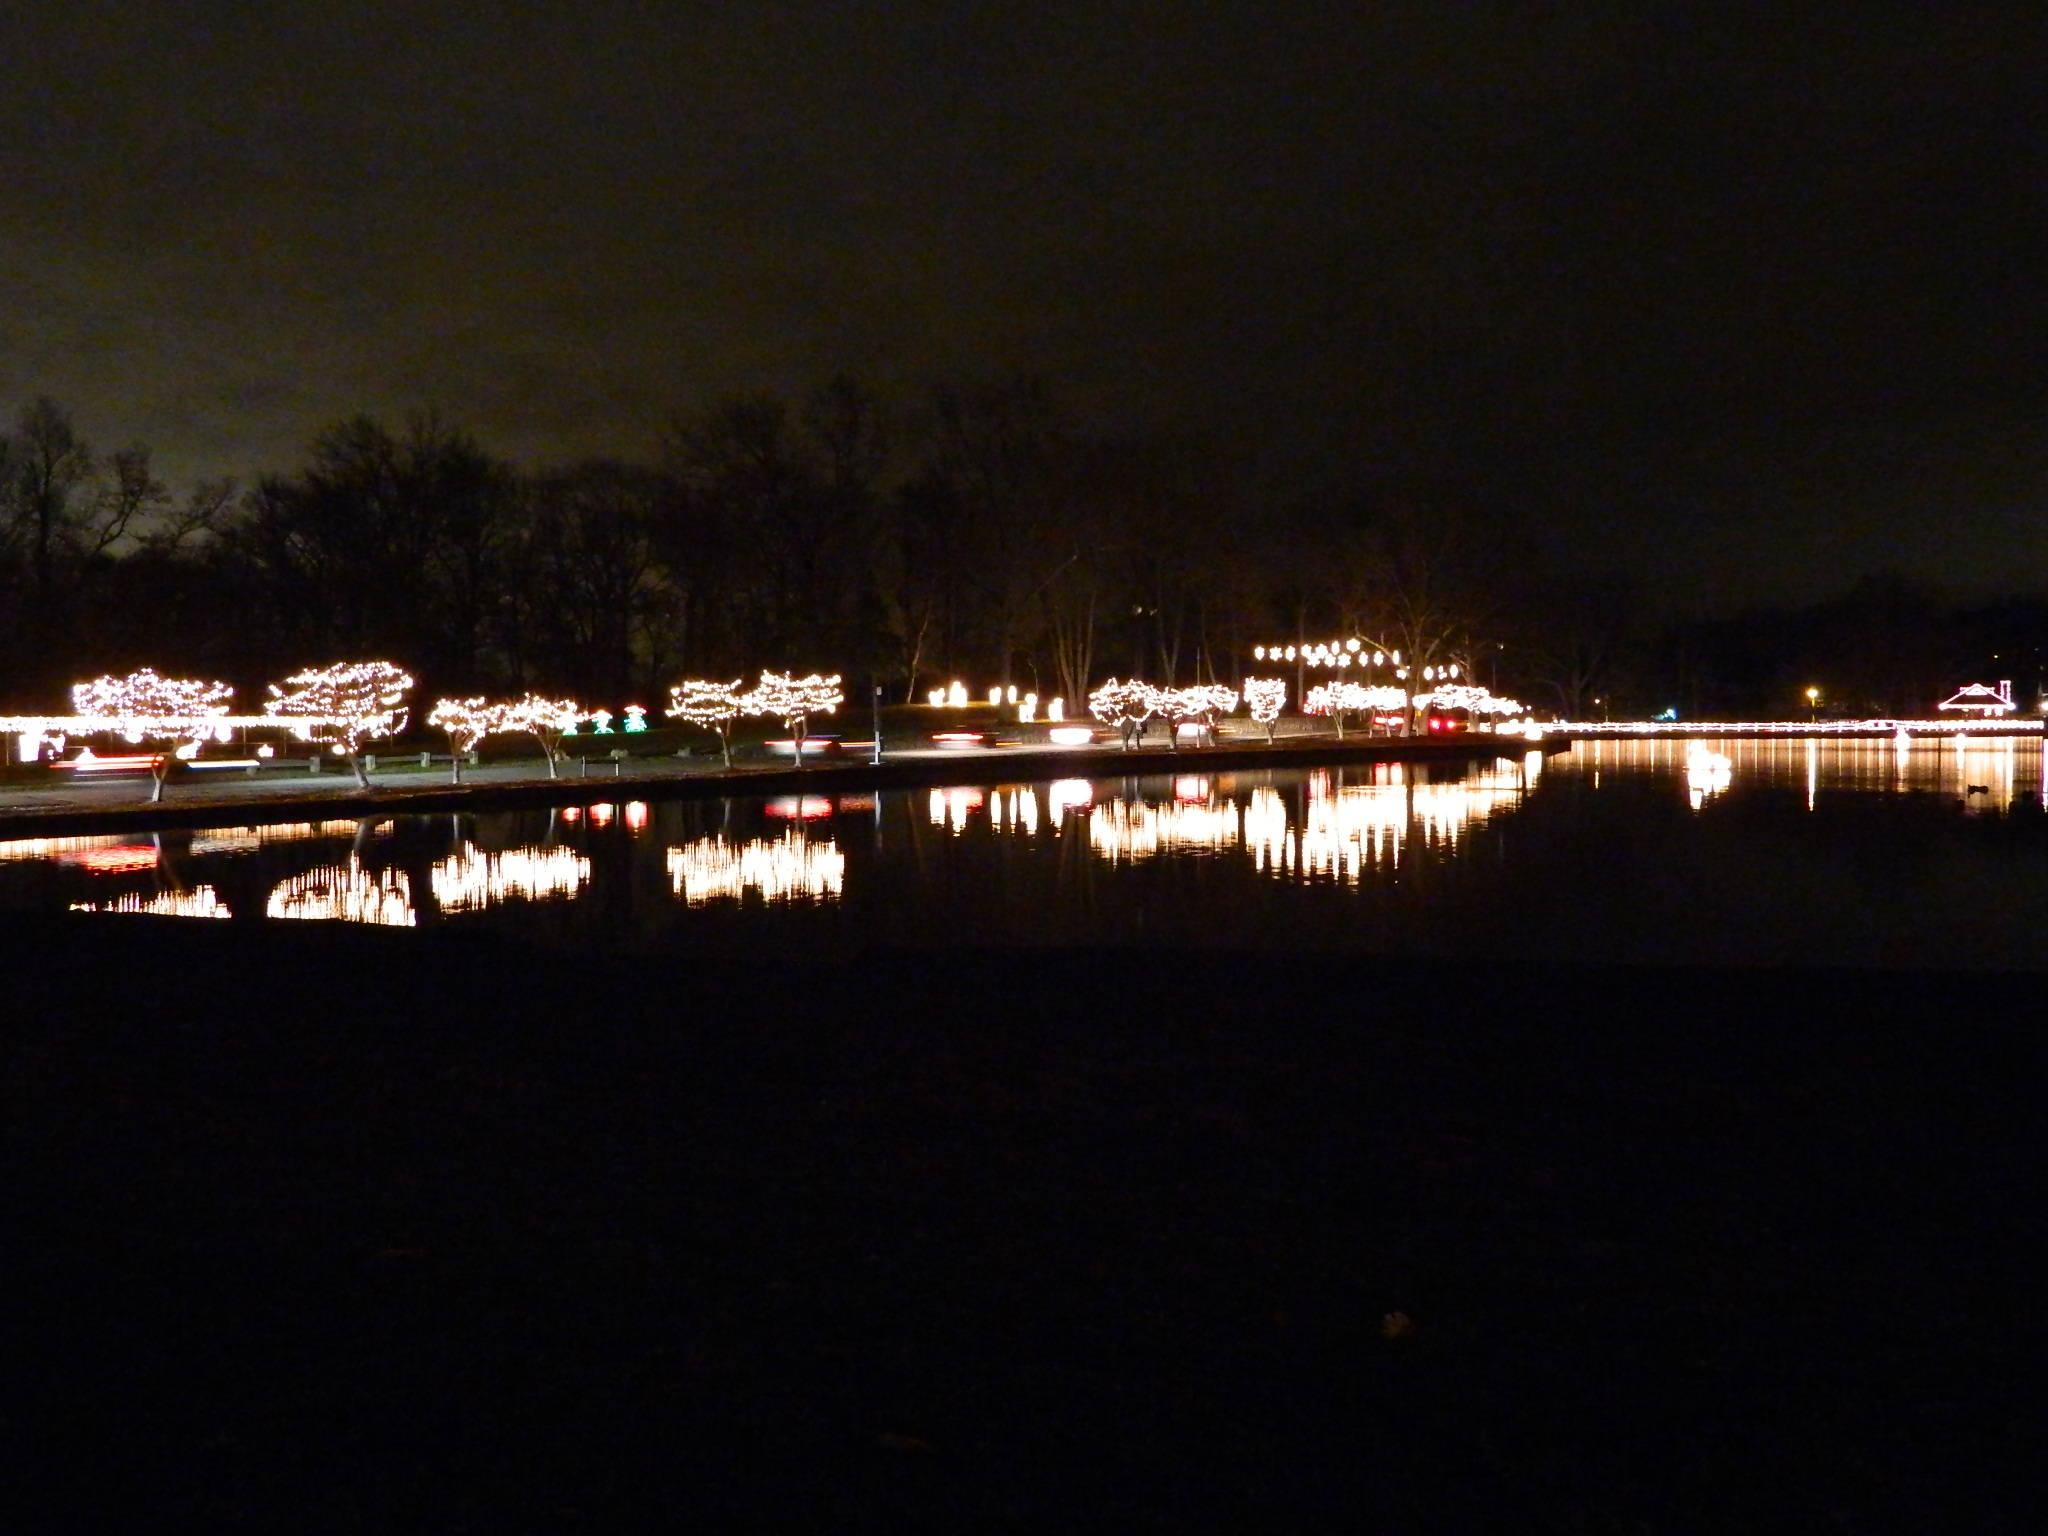 Silver Lights Festival Hubbard Park Meriden CT